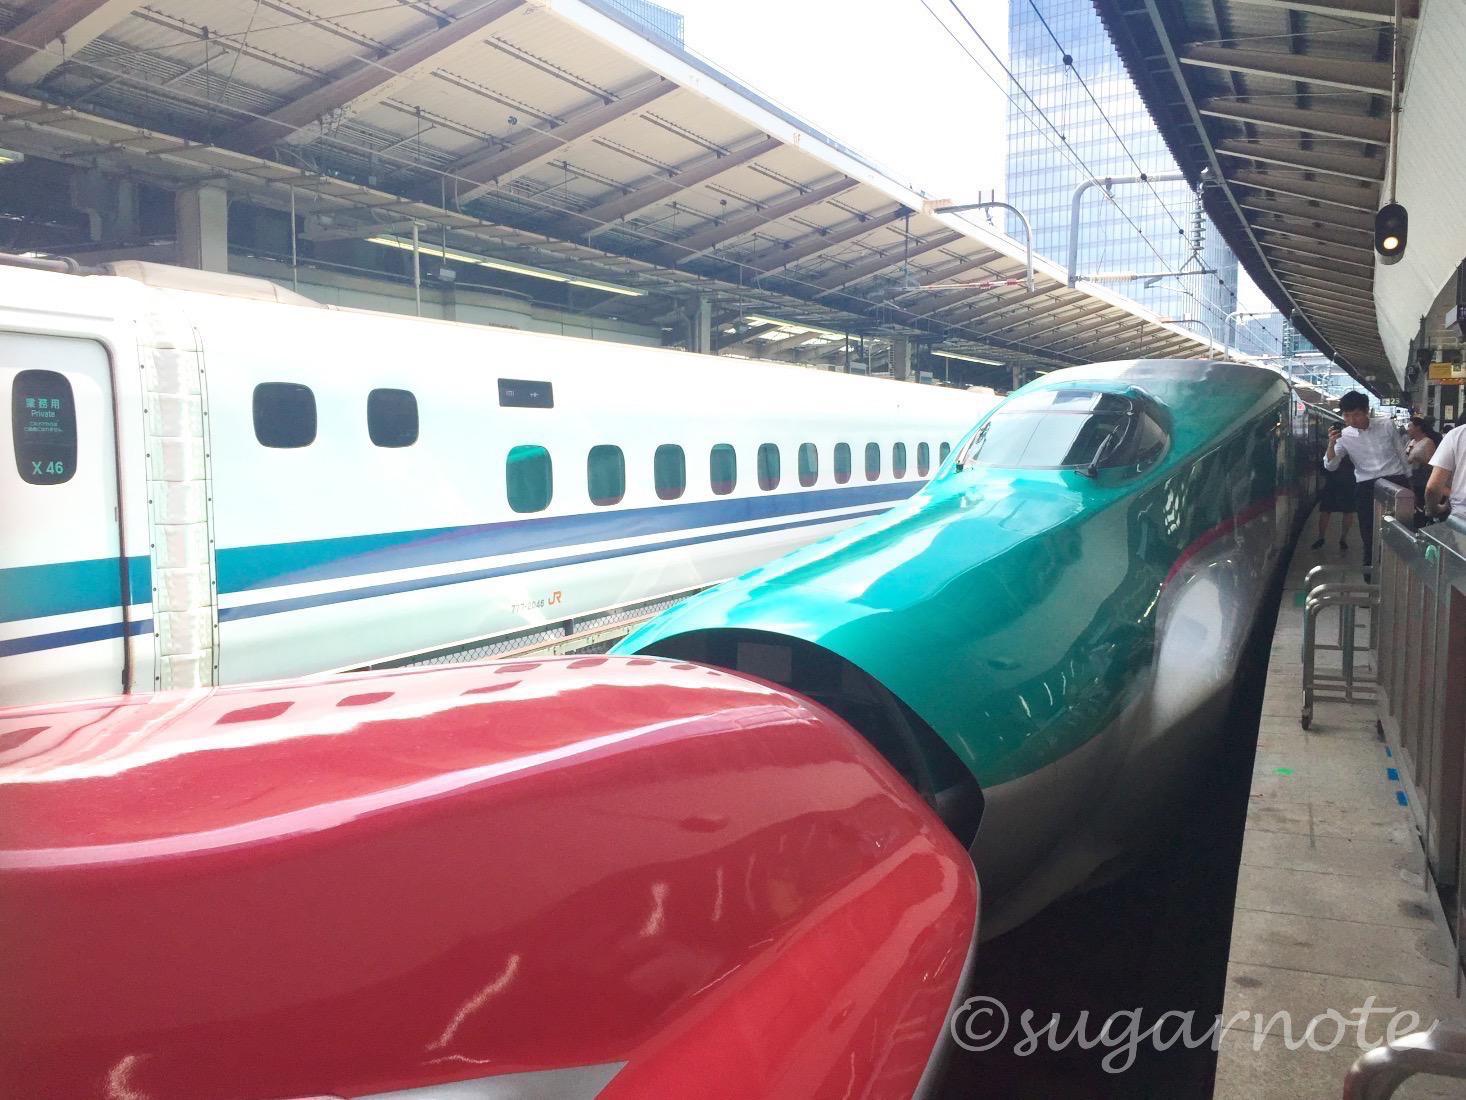 北海道新幹線, 東京駅, Shinkansen, Tokyo Station, Bullet Train